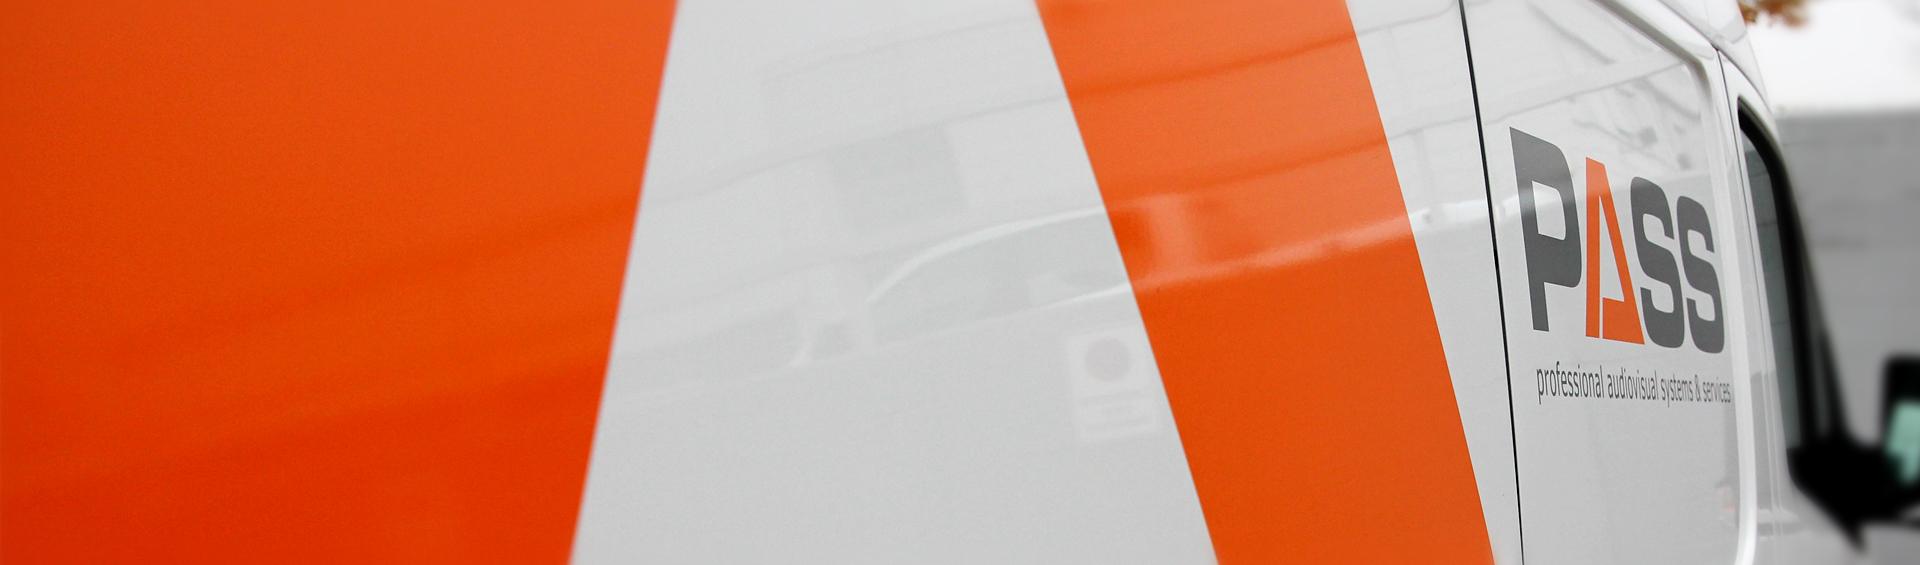 Veranstaltungstechnik, Unternehmen, Pass Transporter